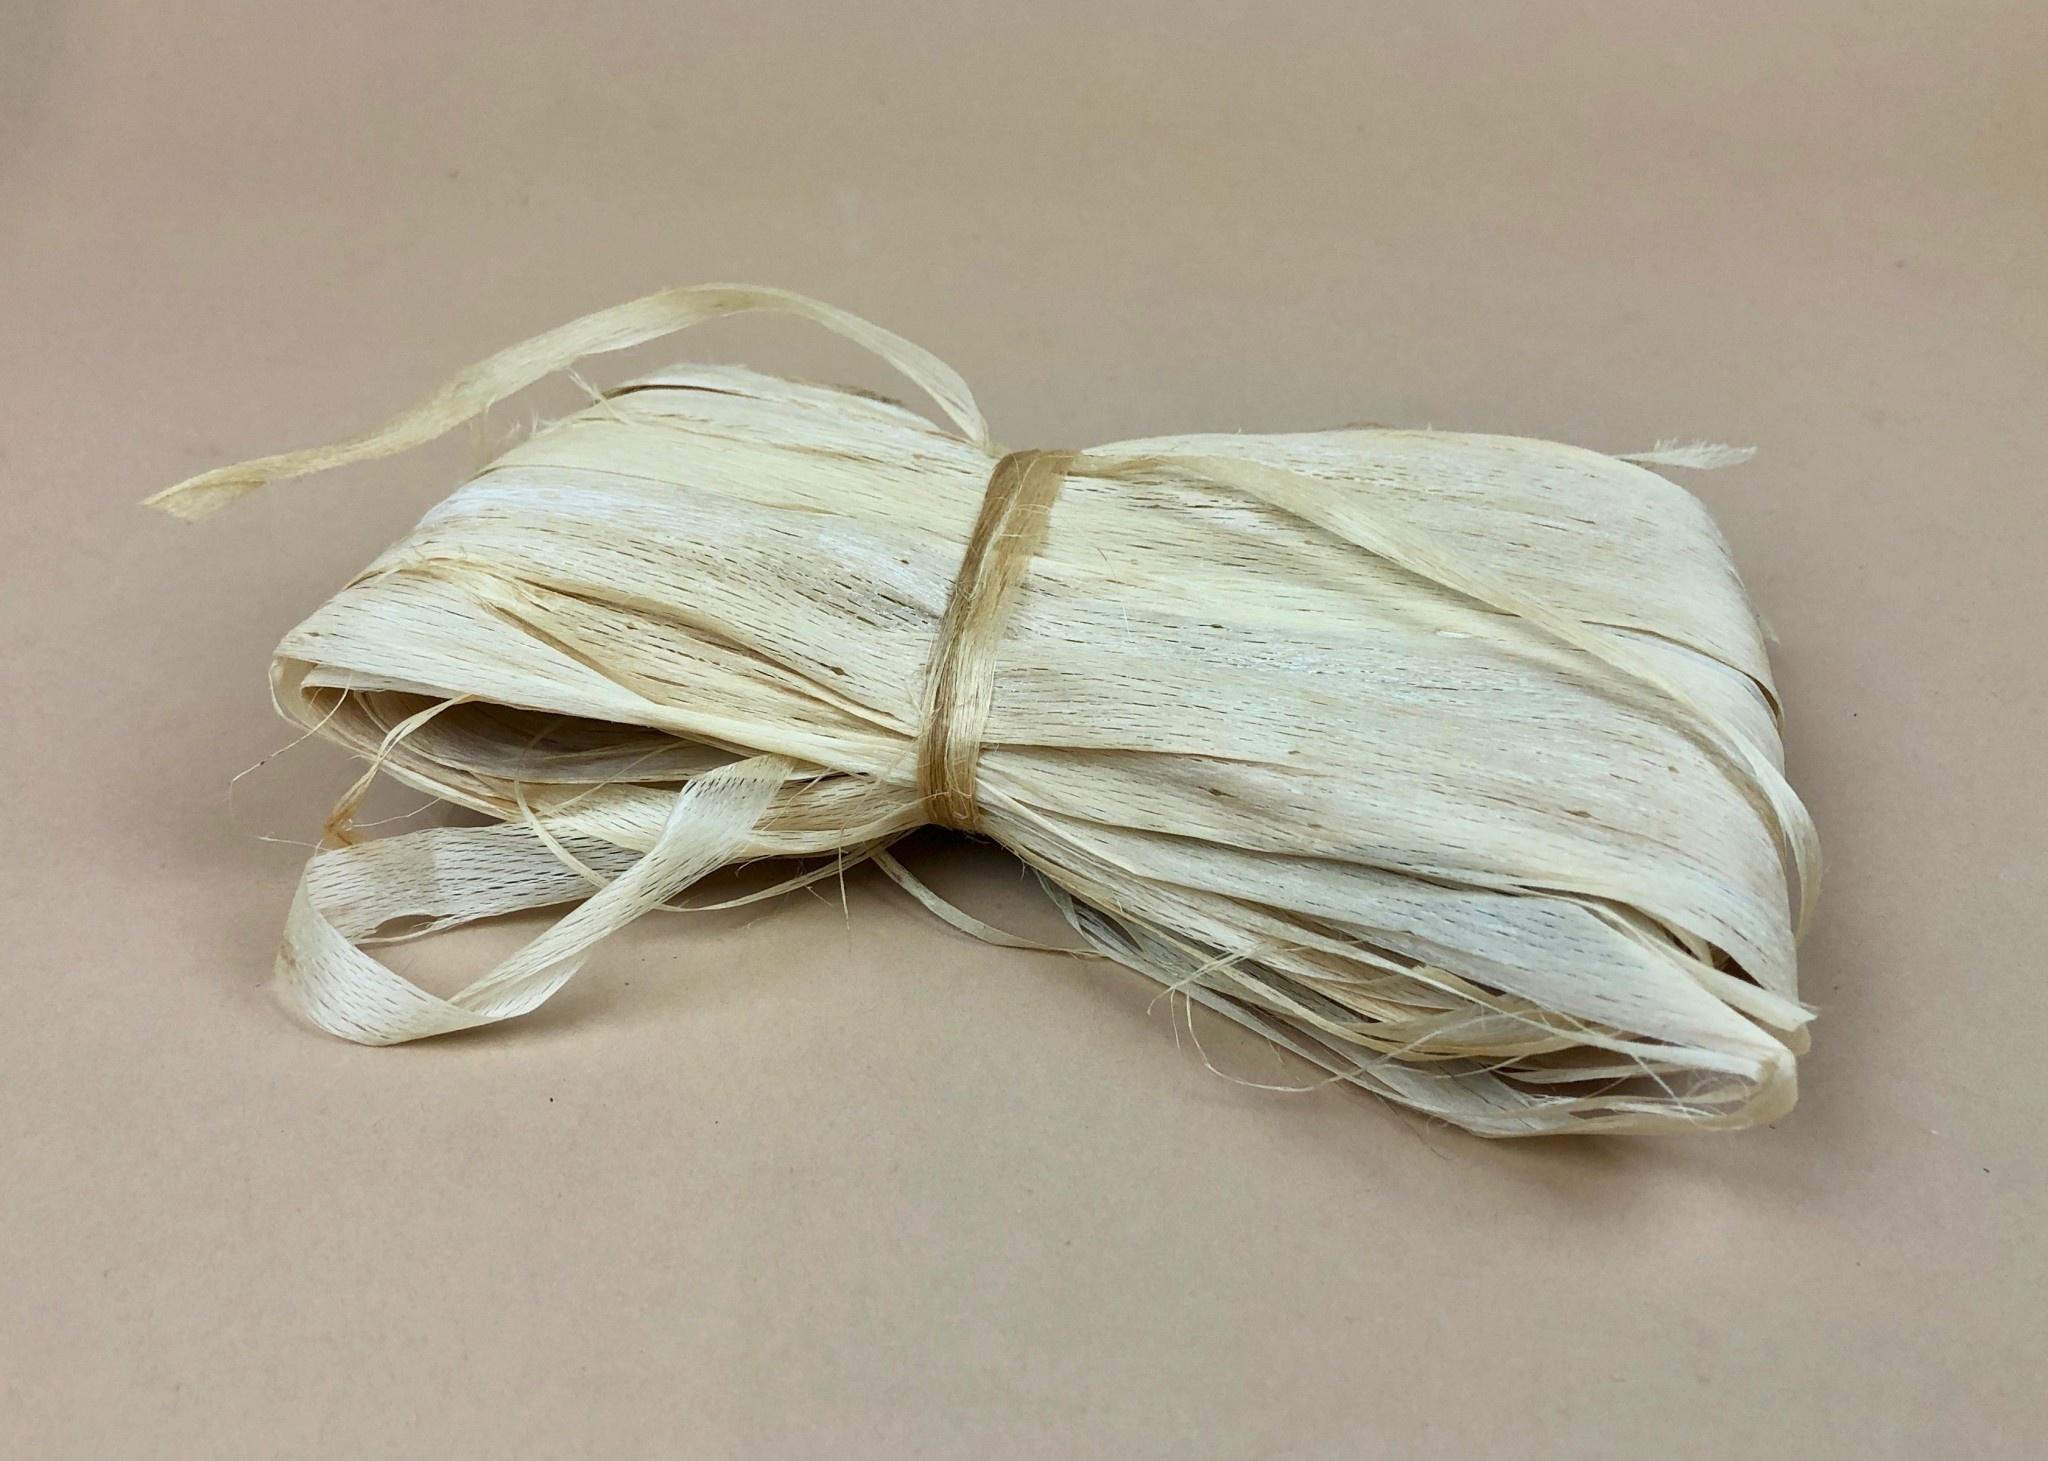 Hana Hou Hau Fiber Bundle